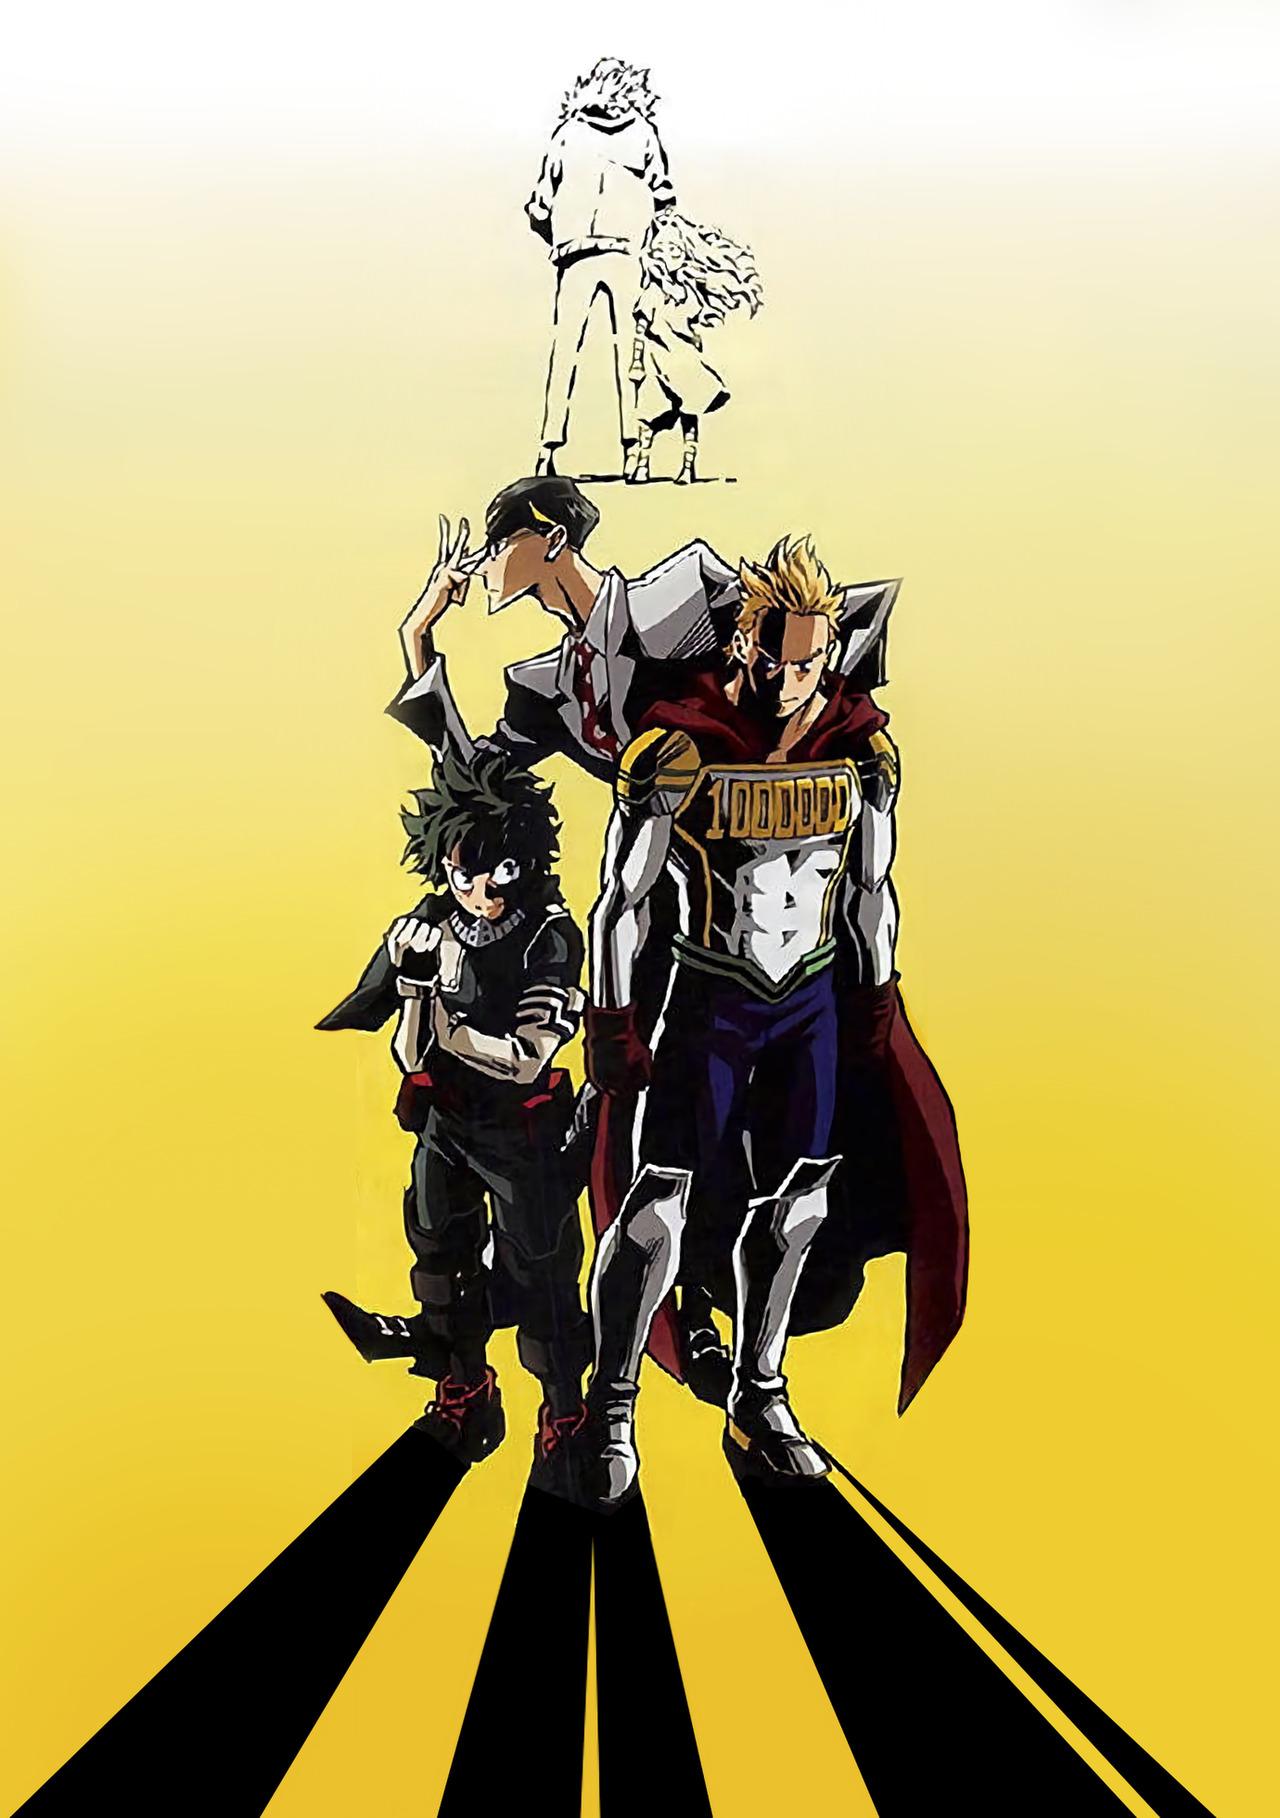 La cuarta temporada de Boku no Hero Academia estrena nuevo vídeo